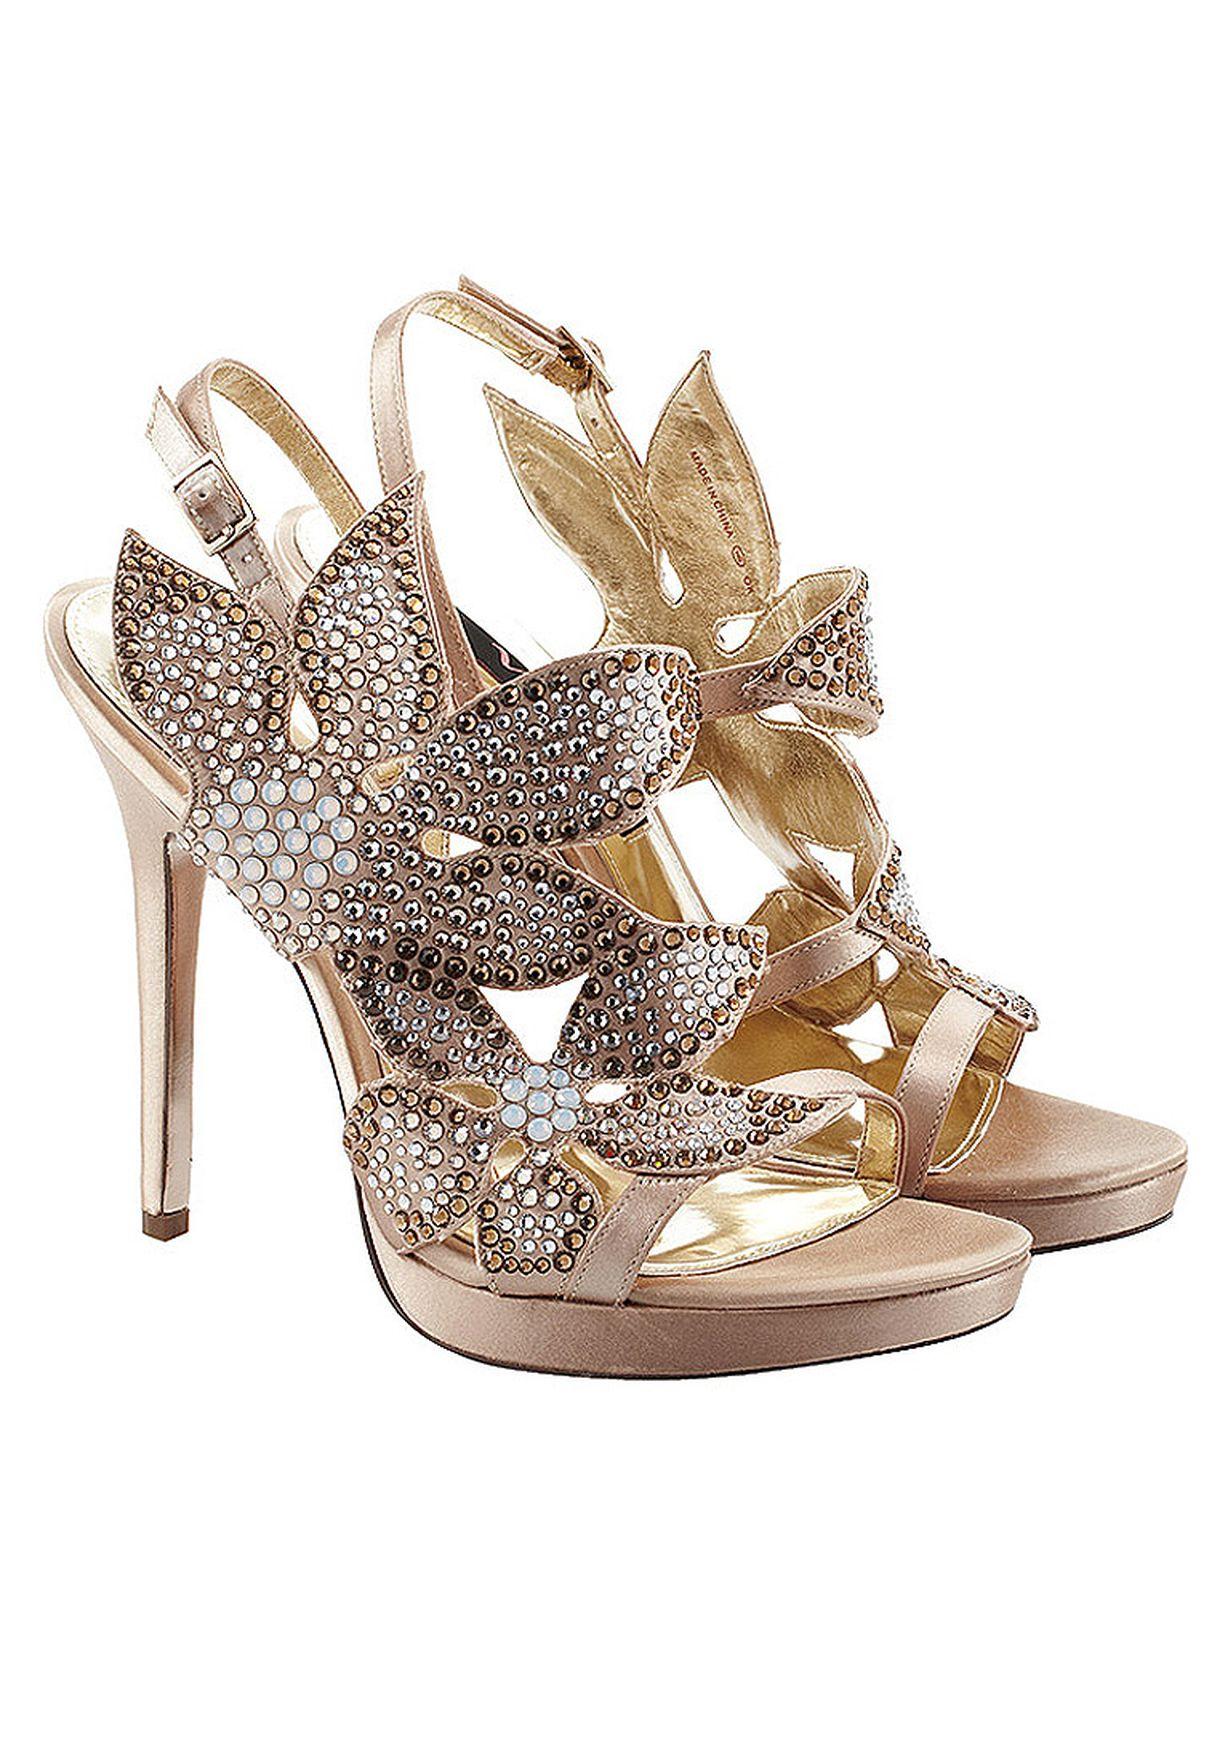 3bd0f081ba4 Bryyce Strass Sandals